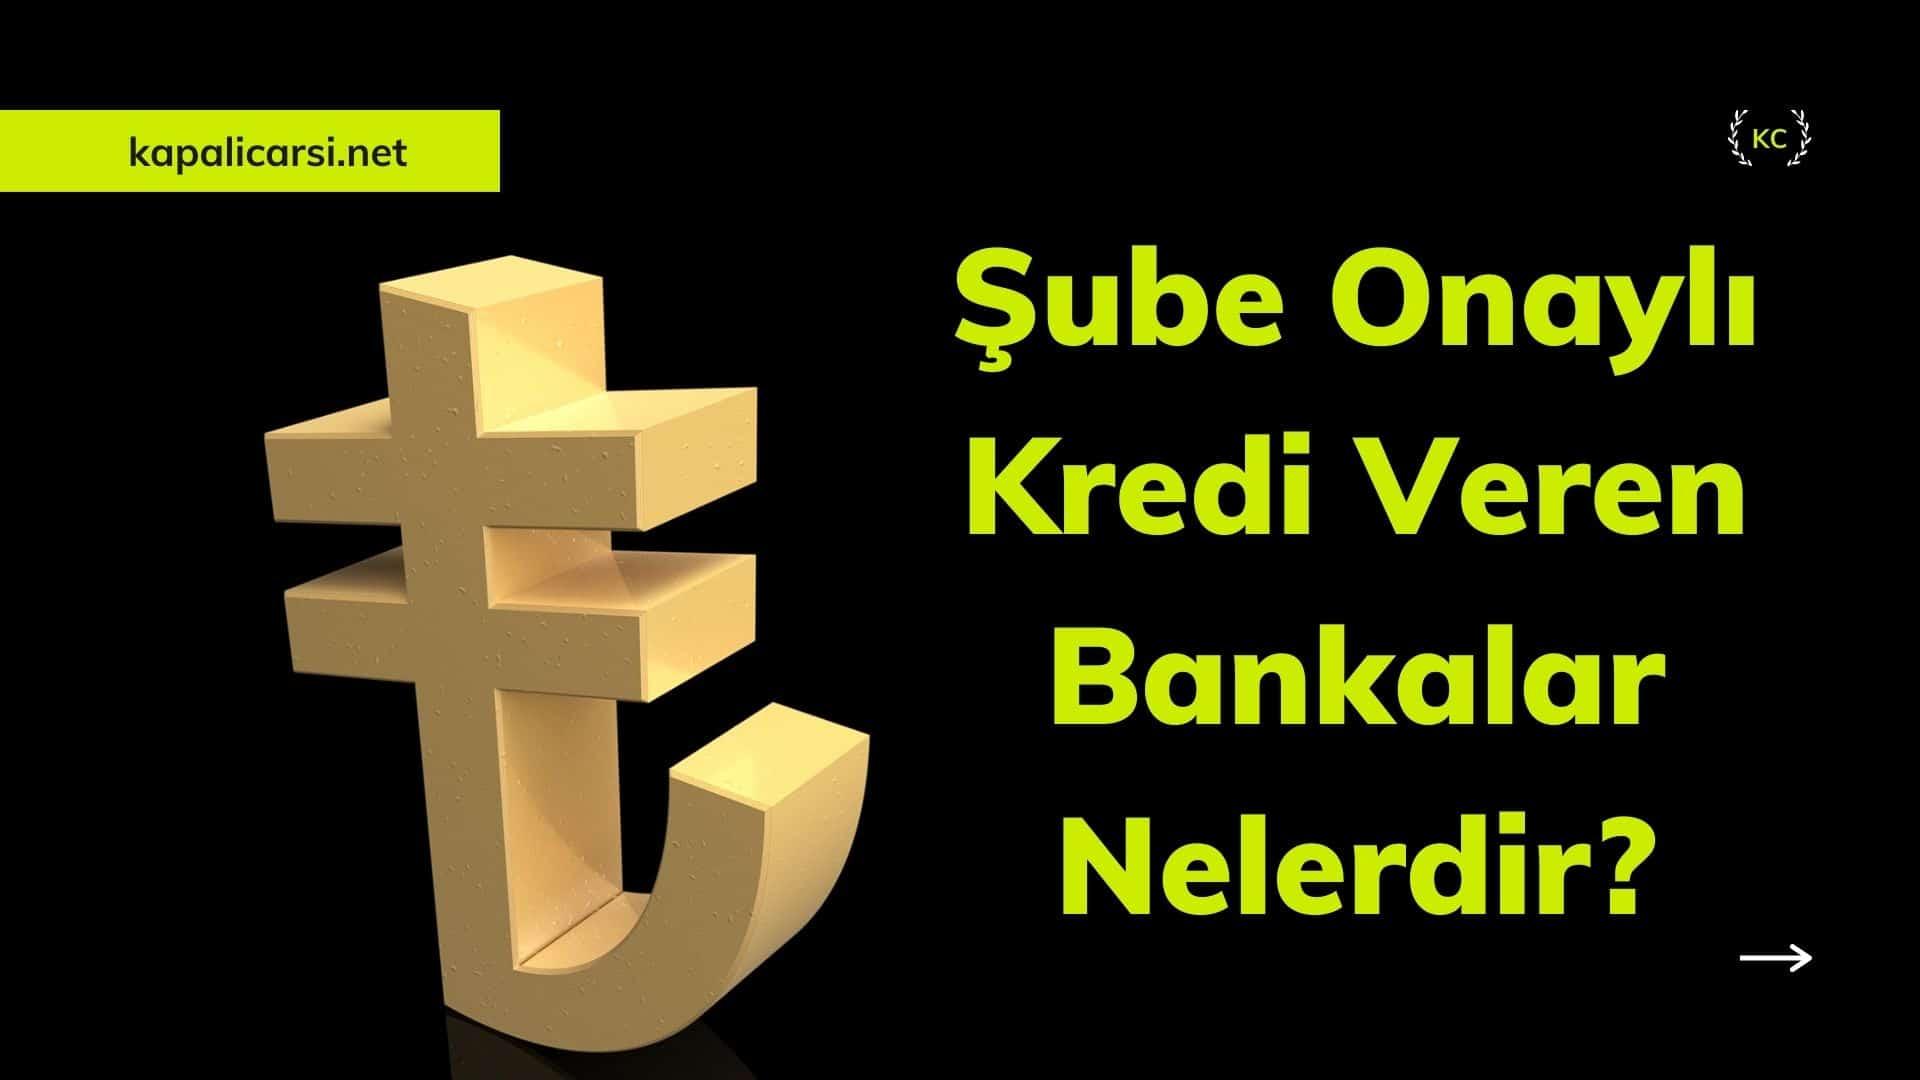 Şube Onaylı Kredi Veren Bankalar Nelerdir?